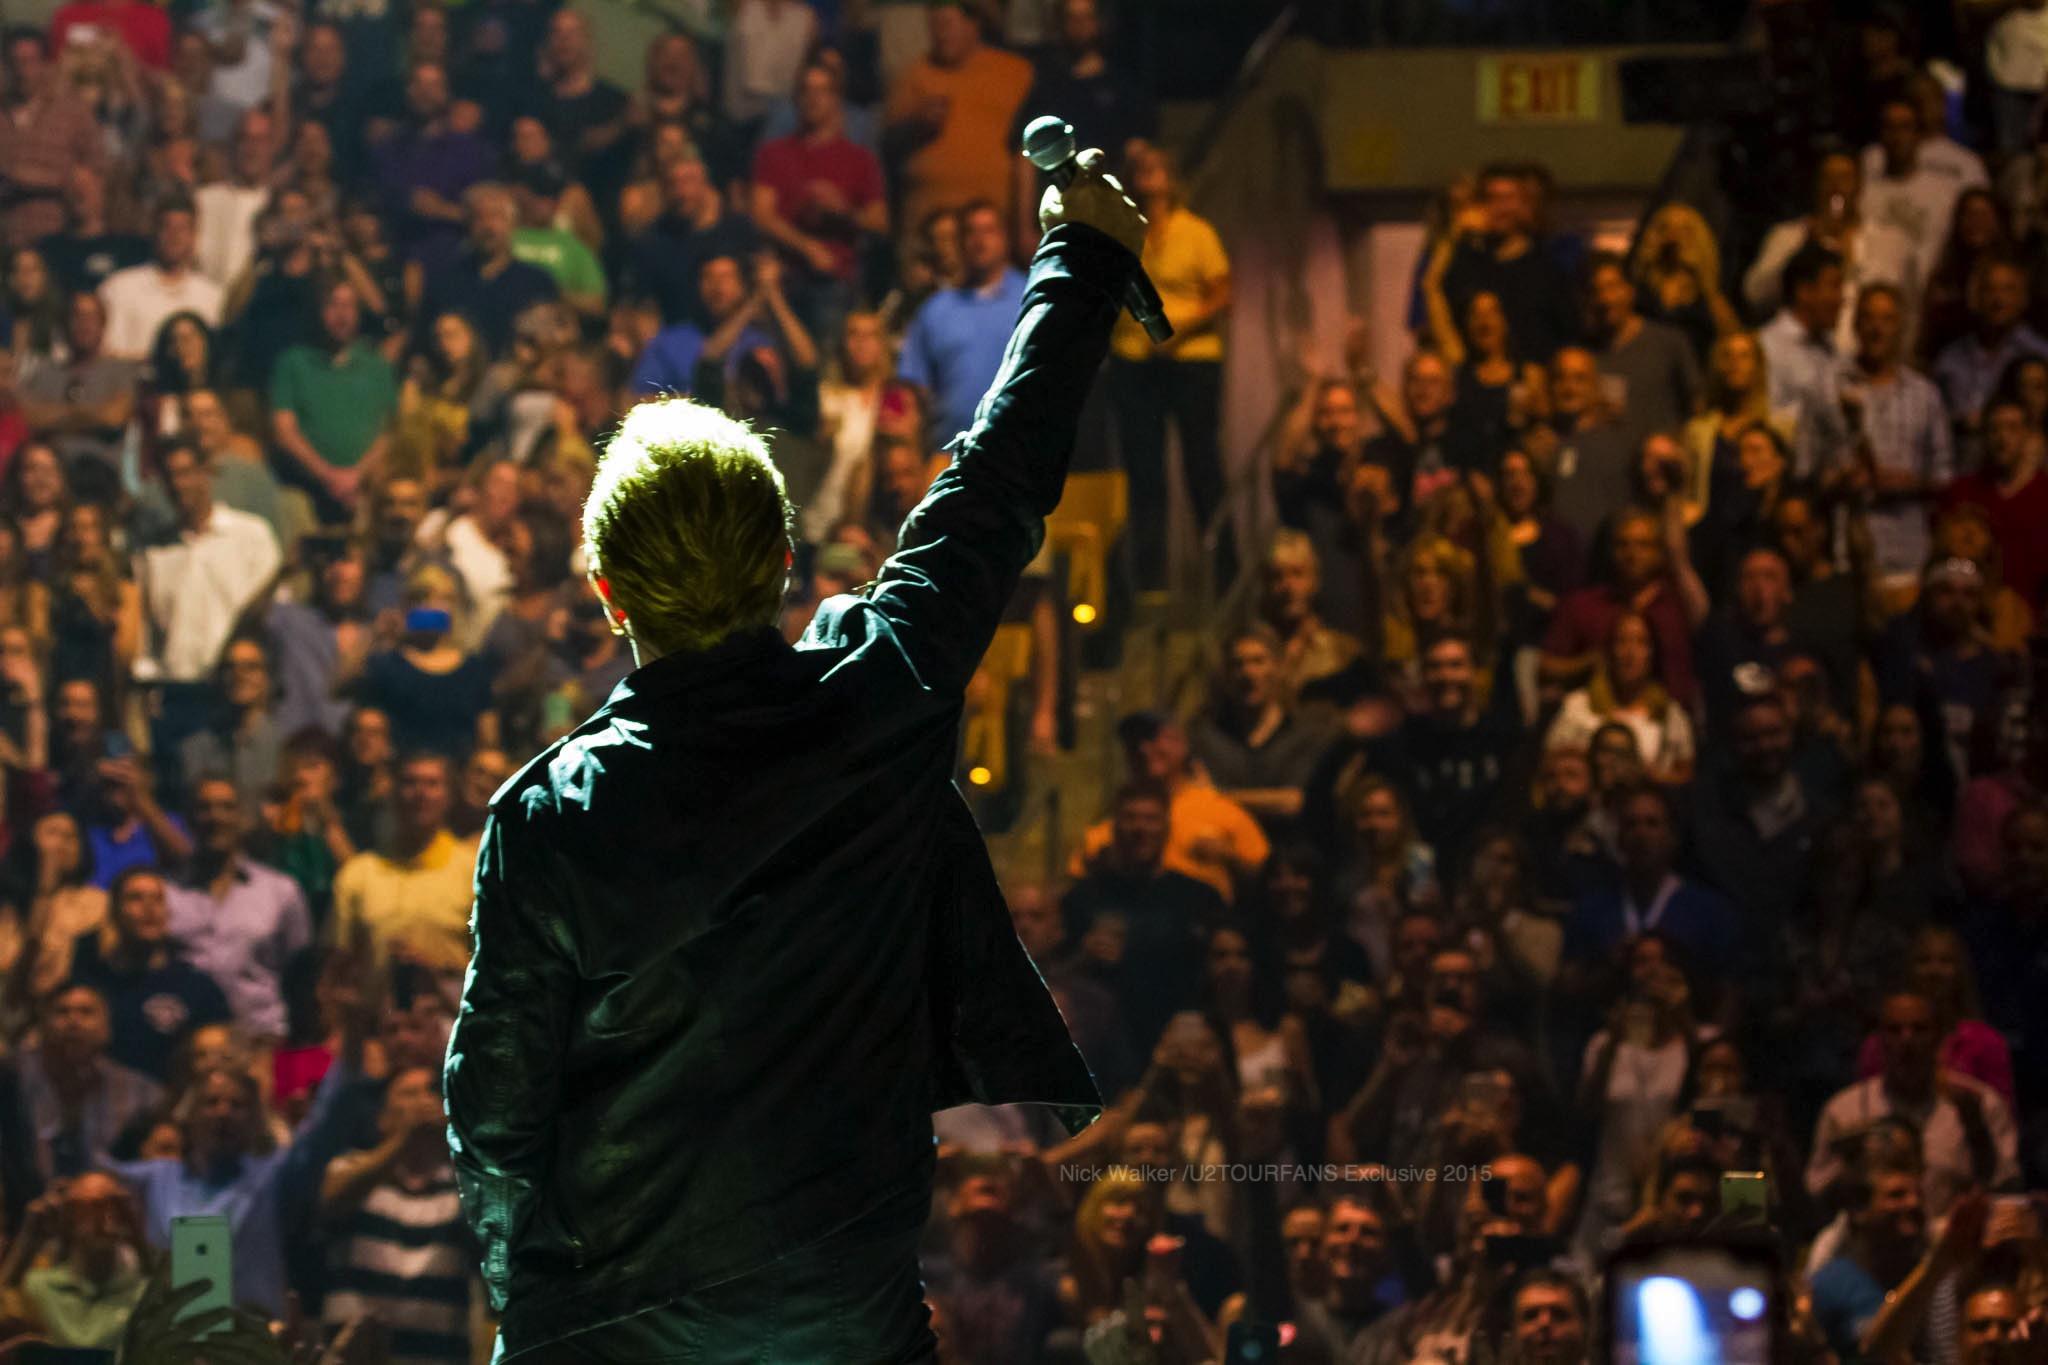 U2 / Bono / Nick Walker / U2TOURFANS